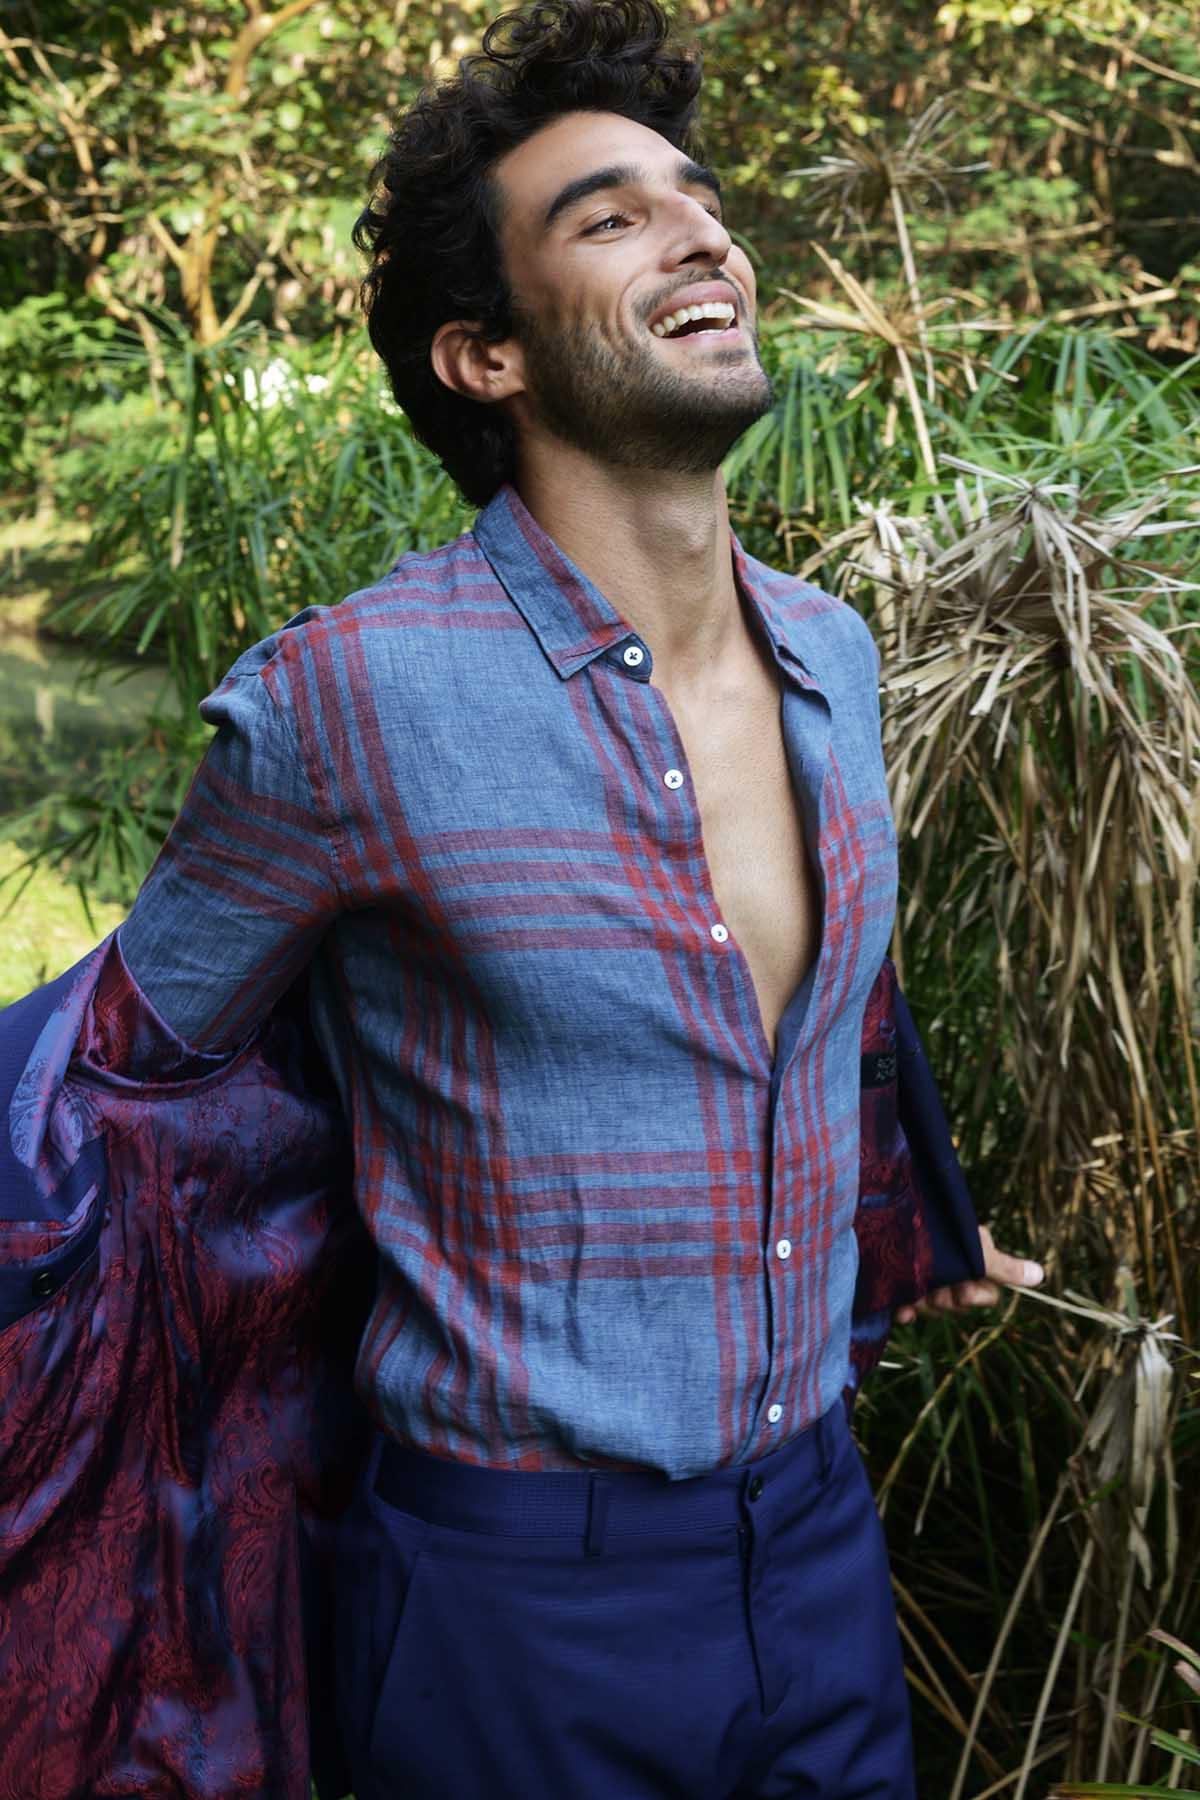 Caio Moreno by Rodrigo Marconatto for Brazilian Male Model